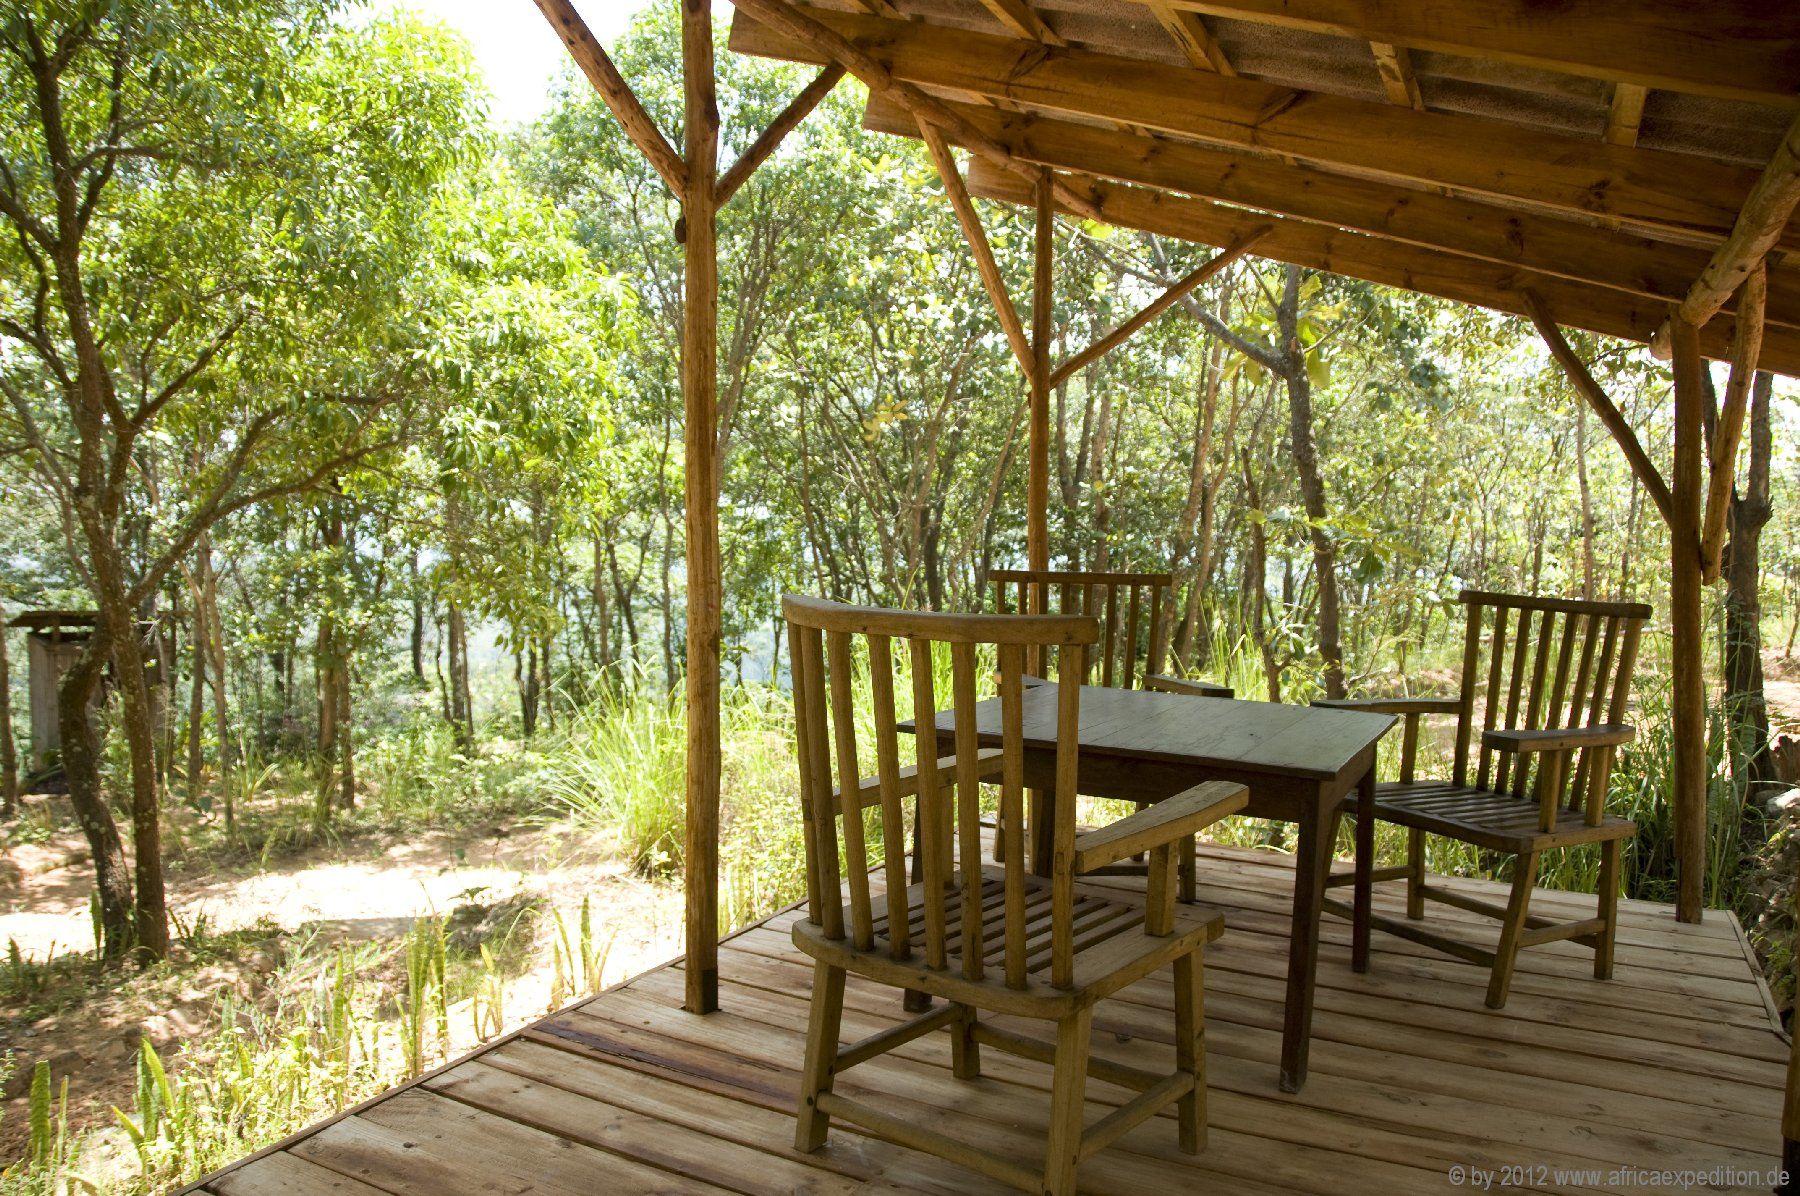 malawi_africa_expedition_de_0453af35cb188a1.jpg